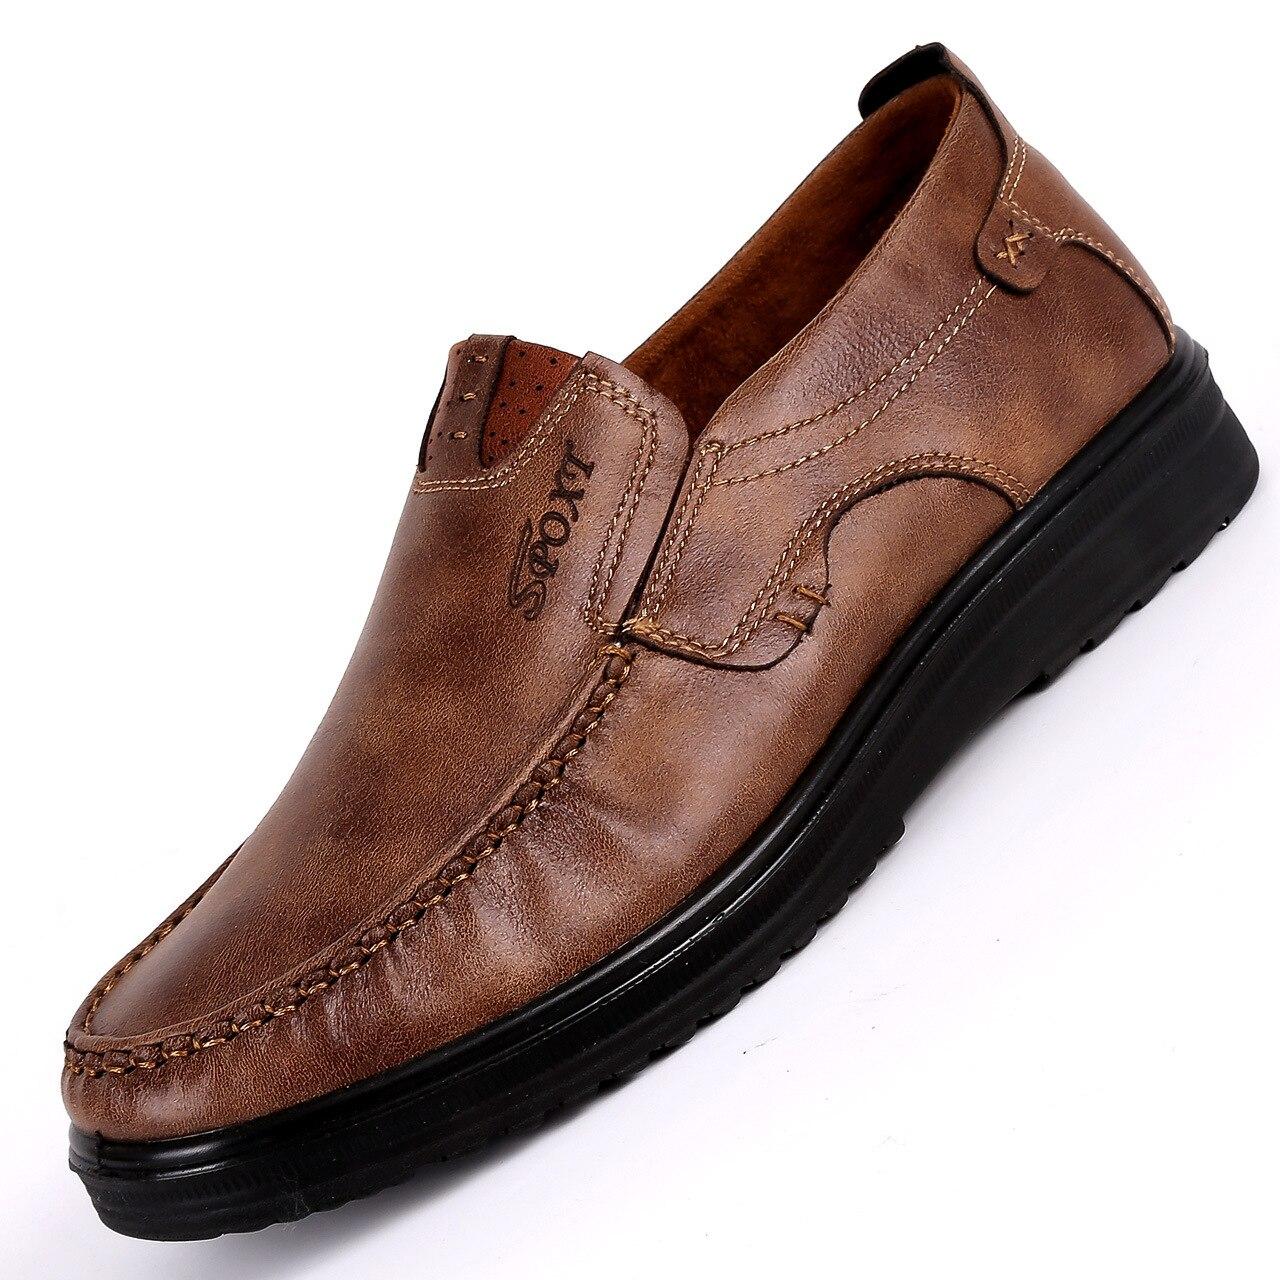 ¡Novedad de 2018! Zapatos informales cómodos para hombre, mocasines de gran oferta, zapatos de piel de calidad, zapatos planos para hombre, mocasines, zapatos de talla grande 38-48 Zapatos náuticos de cuero de color verde militar para hombre, zapatos con cordones a la moda, enredaderas planas de 46, mocasines, zapatos de cuero genuino para hombre, zapatos informales mocasín